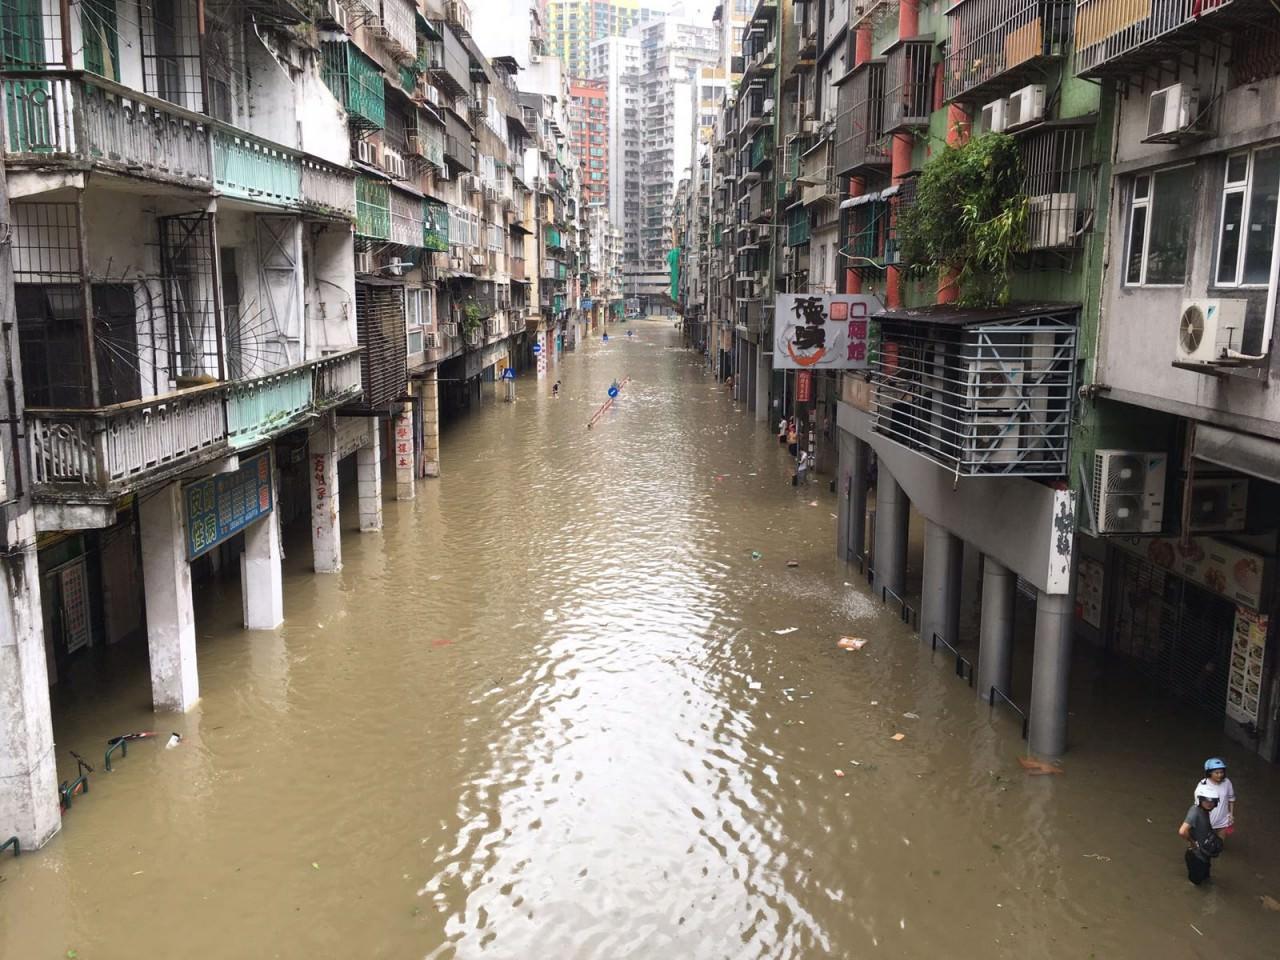 澳門低窪地區的內港區及新橋區,水位越過堤防湧上巷內,水位最高時約有1.8米。(澳門特約記者攝)